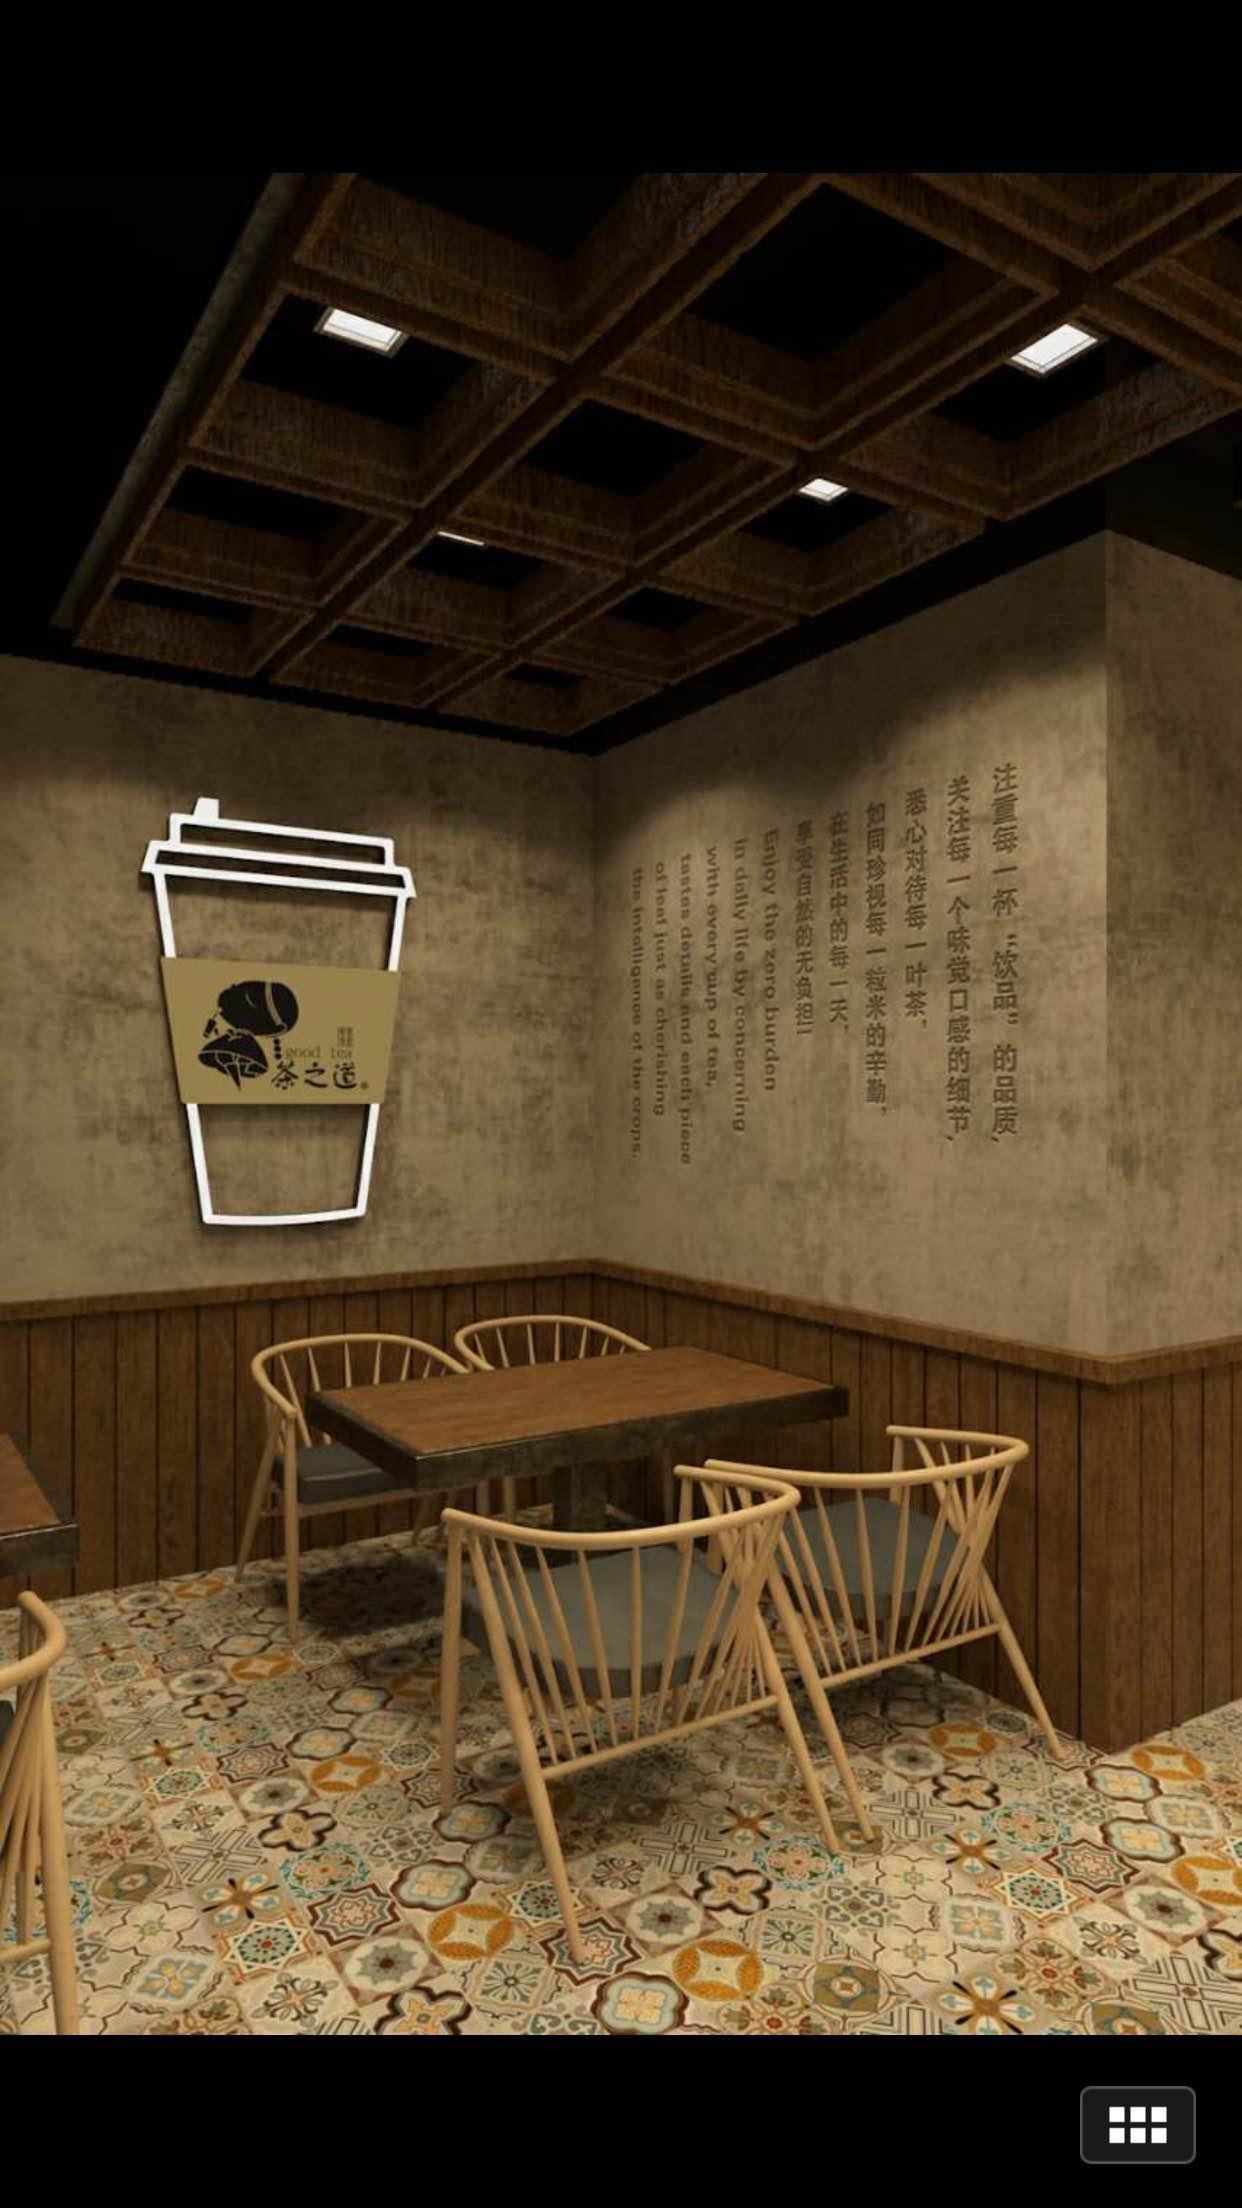 S8泰国进口装饰板室内地面墙面木丝纤维水泥板新品特价水泥板